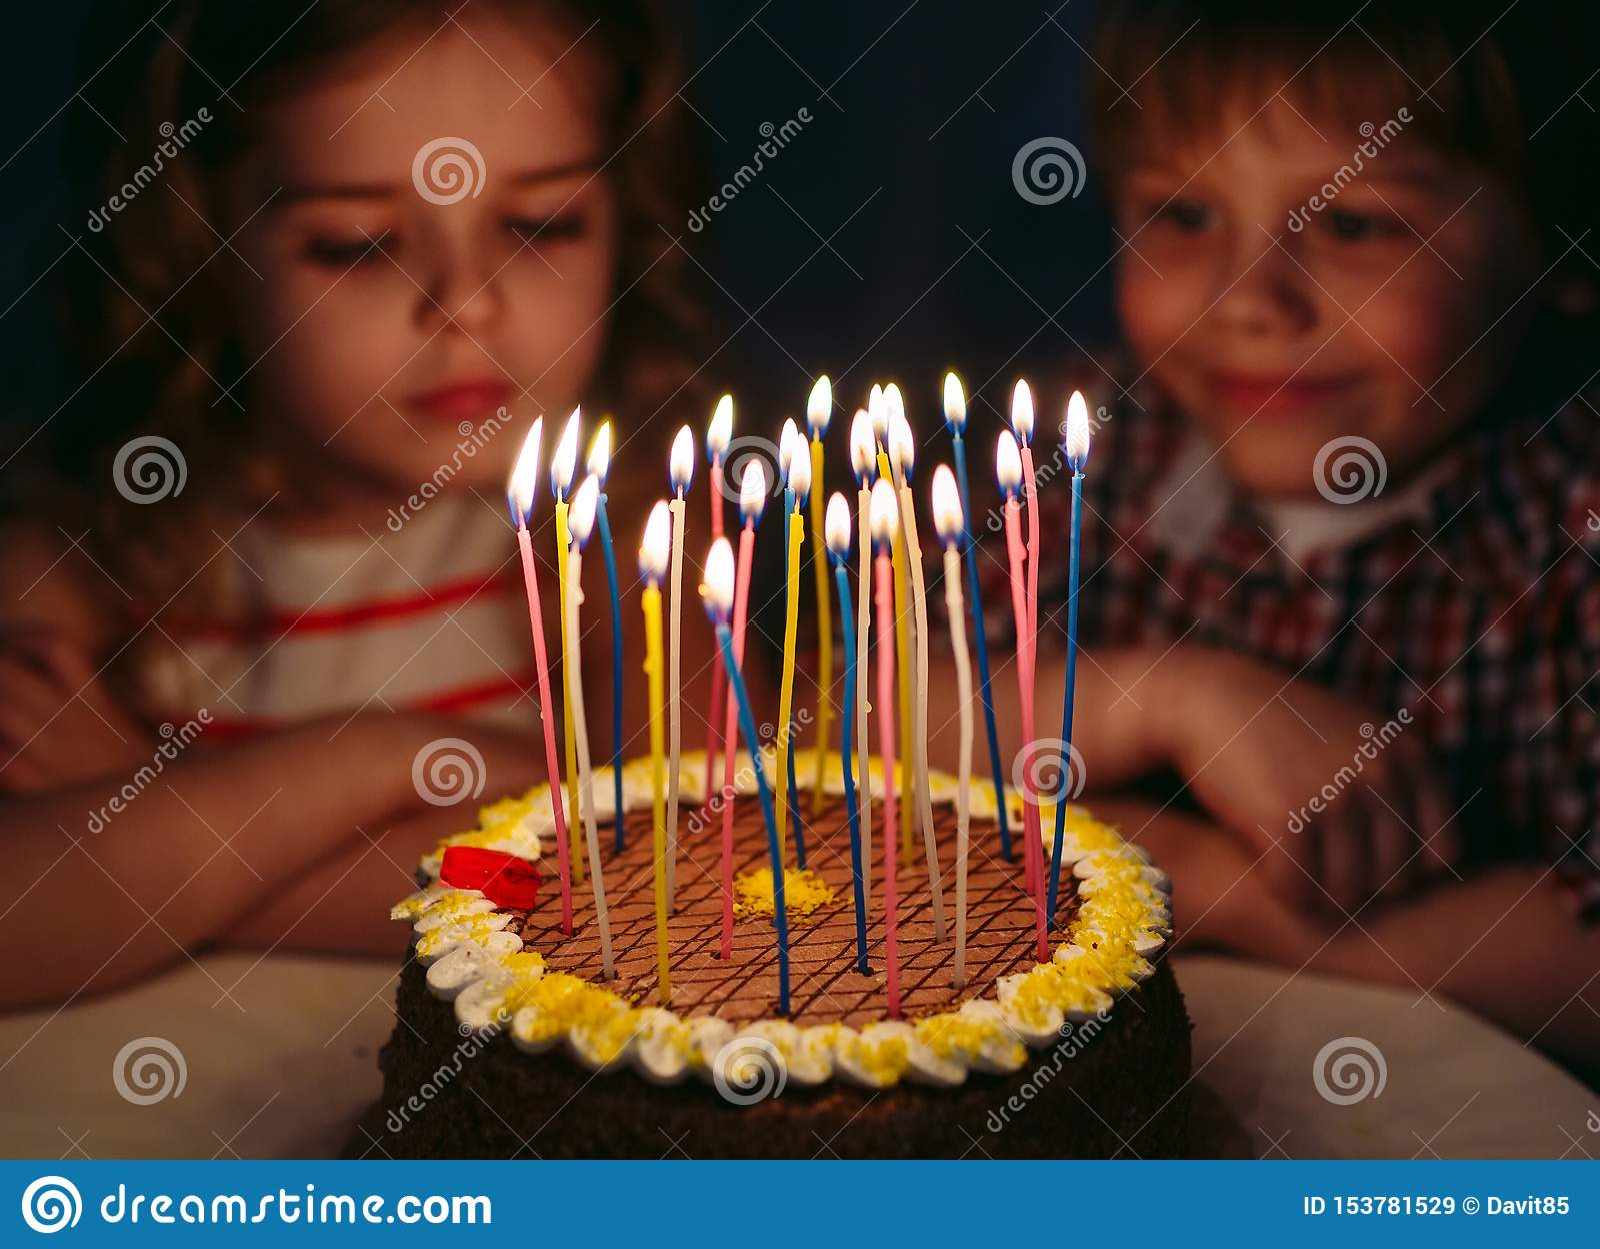 Children`s Birthday. Children Near A Birthday Cake With ...